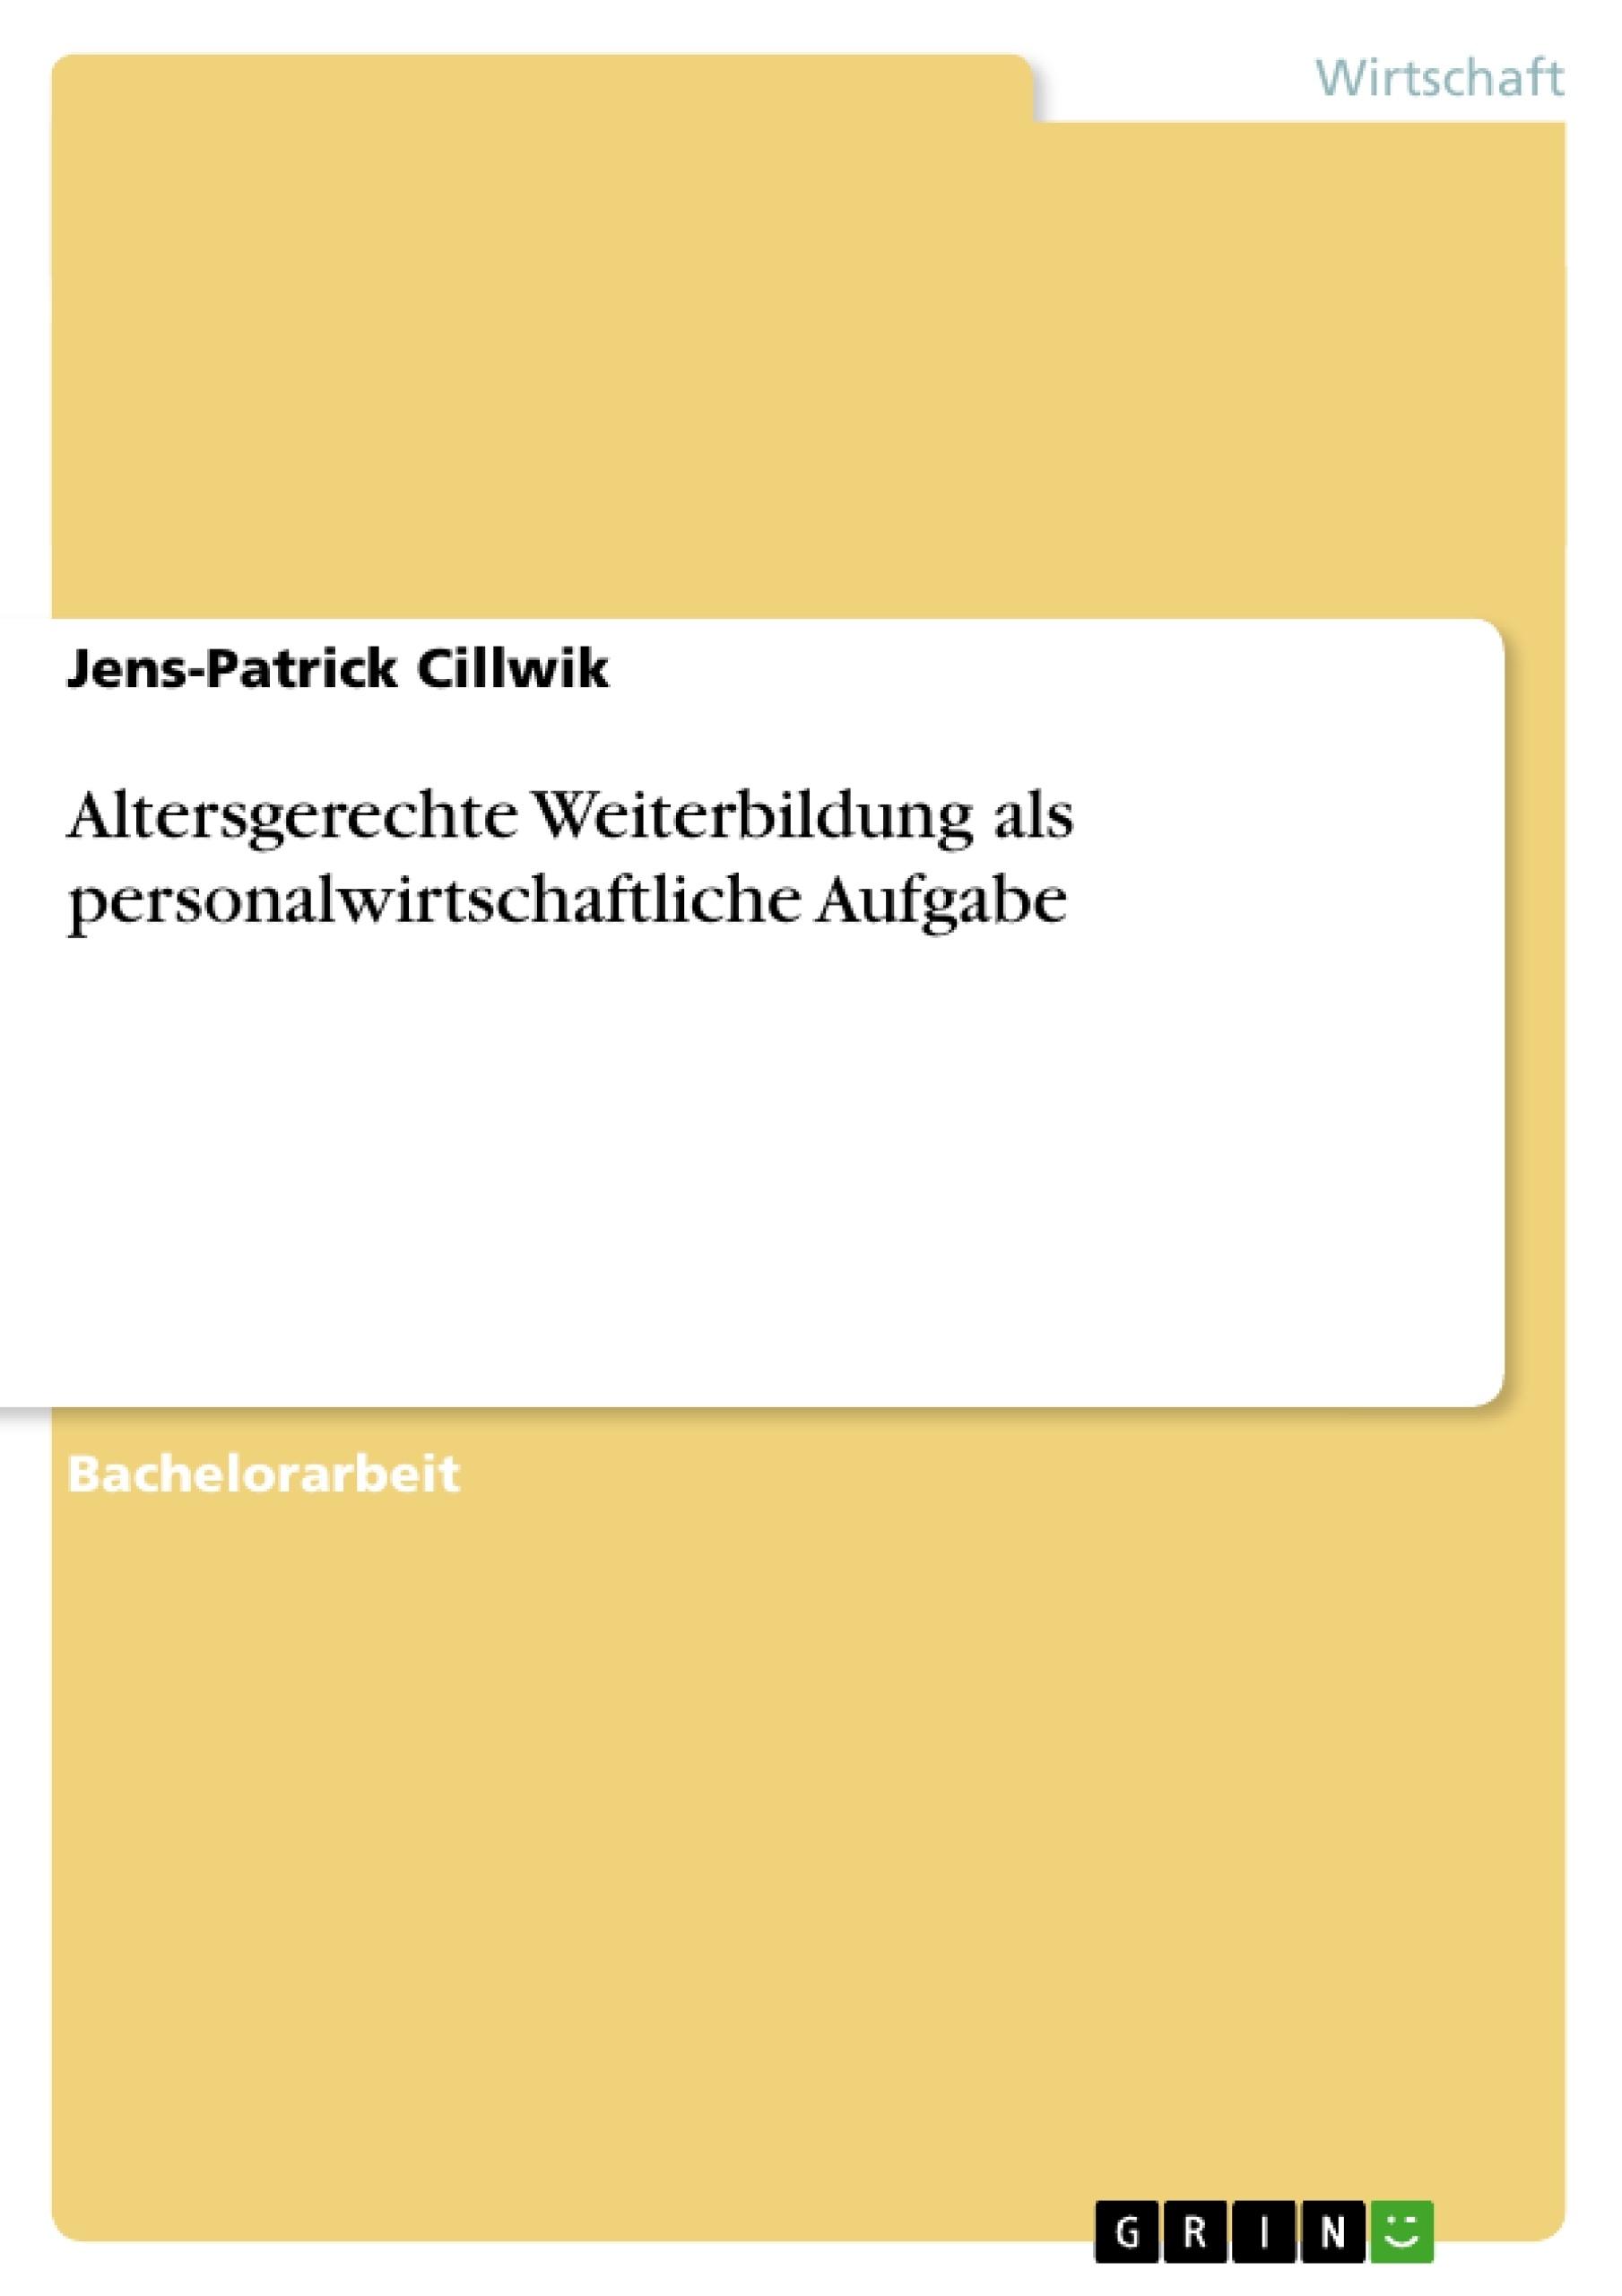 Titel: Altersgerechte Weiterbildung als personalwirtschaftliche Aufgabe